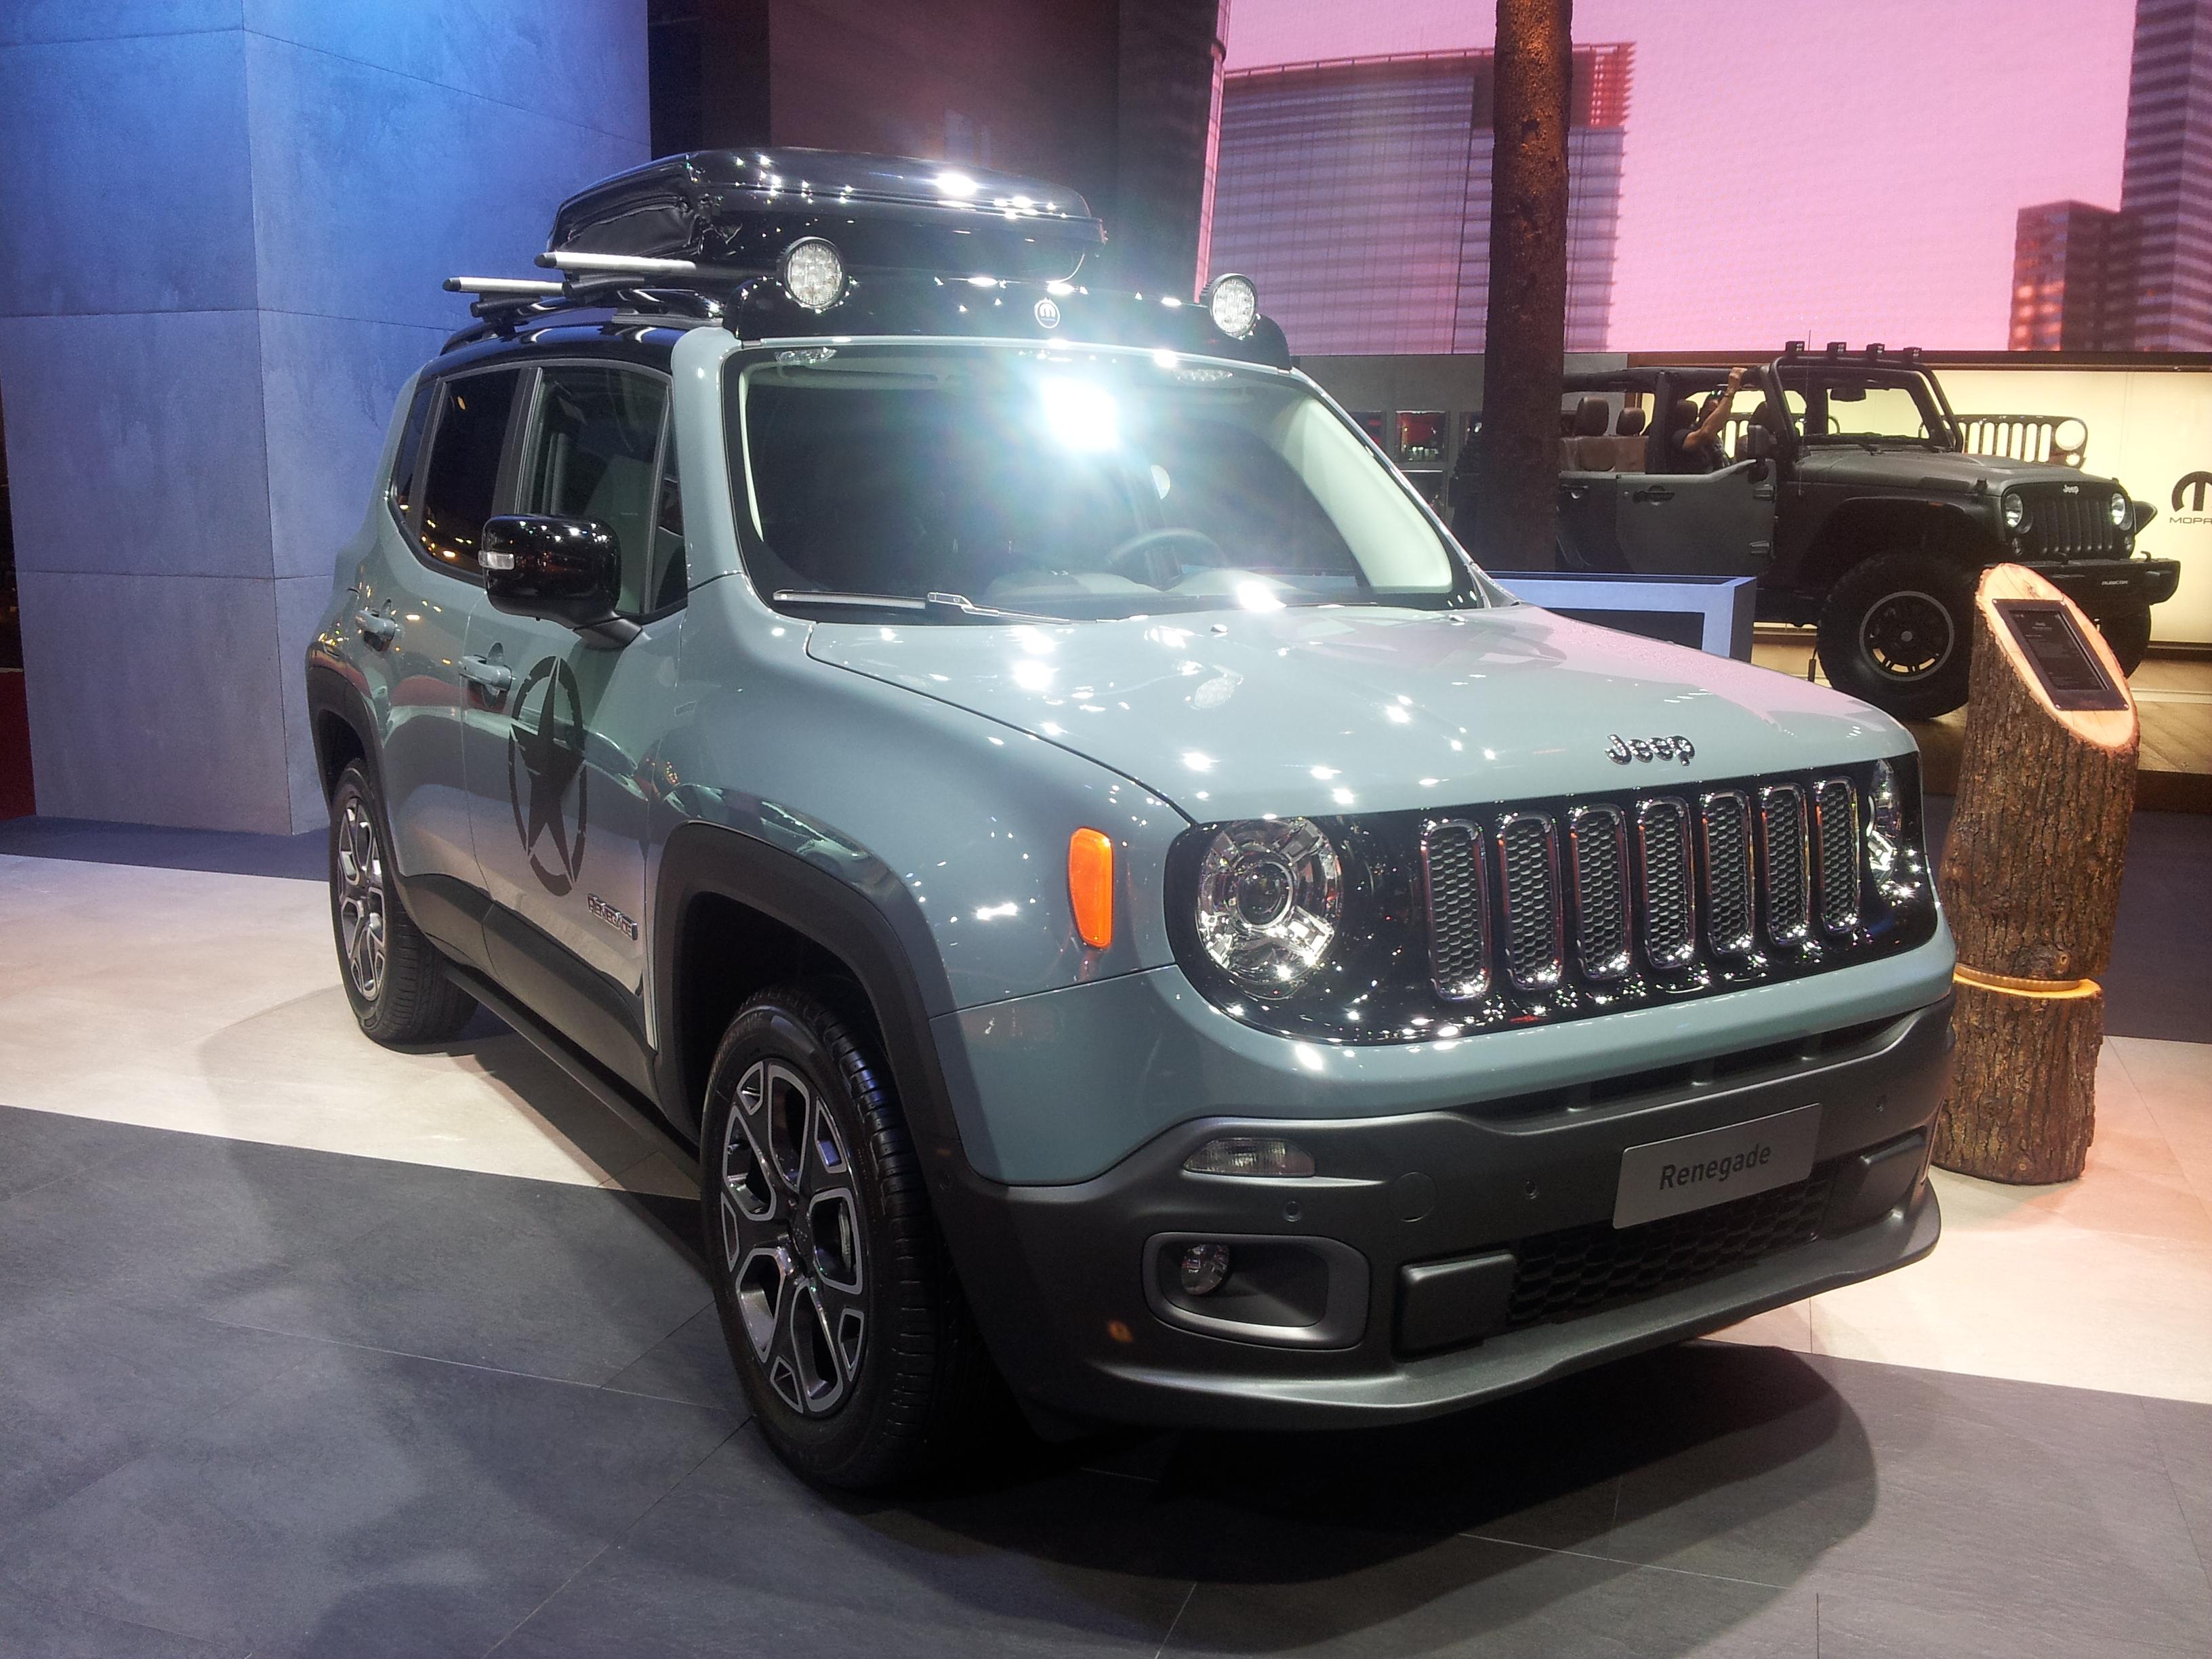 jeep renagade le petit 4x4 de jeep passe inaper u au mondial 2014 photo 4 l 39 argus. Black Bedroom Furniture Sets. Home Design Ideas